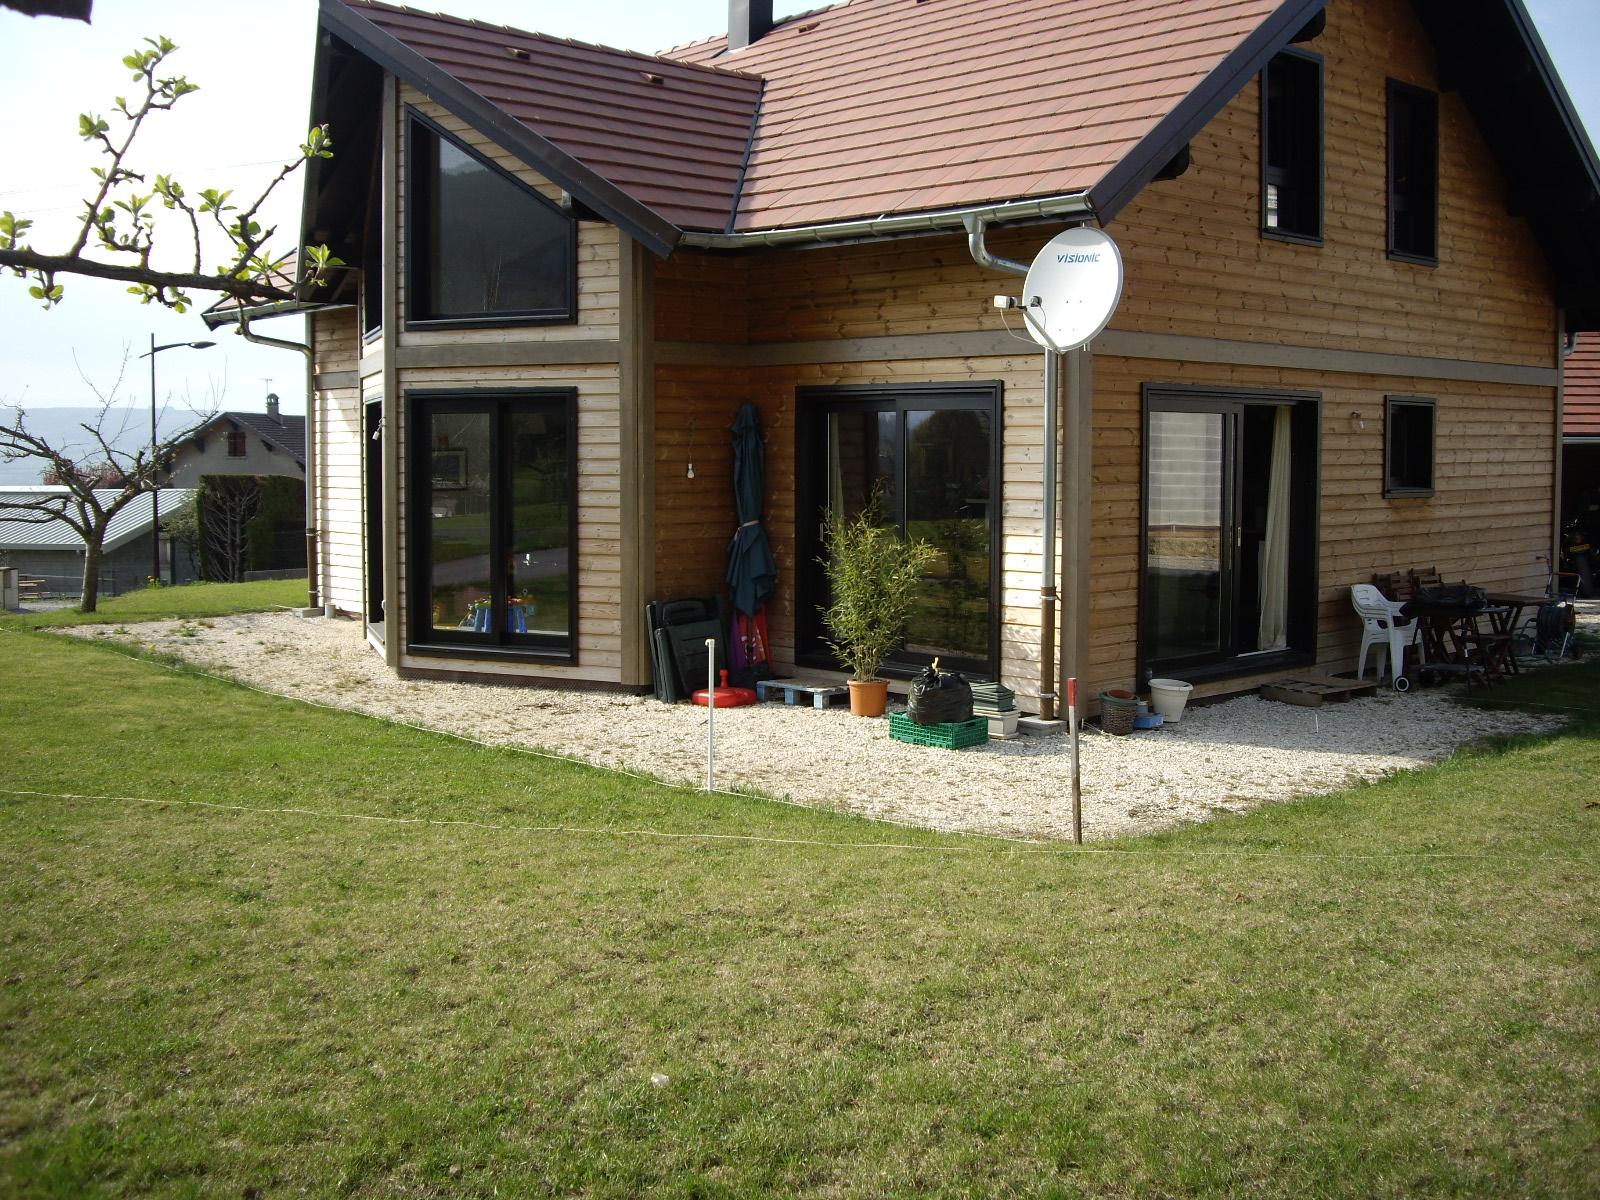 Terrasse sur chevron et plot PVC guide de pose terrasse